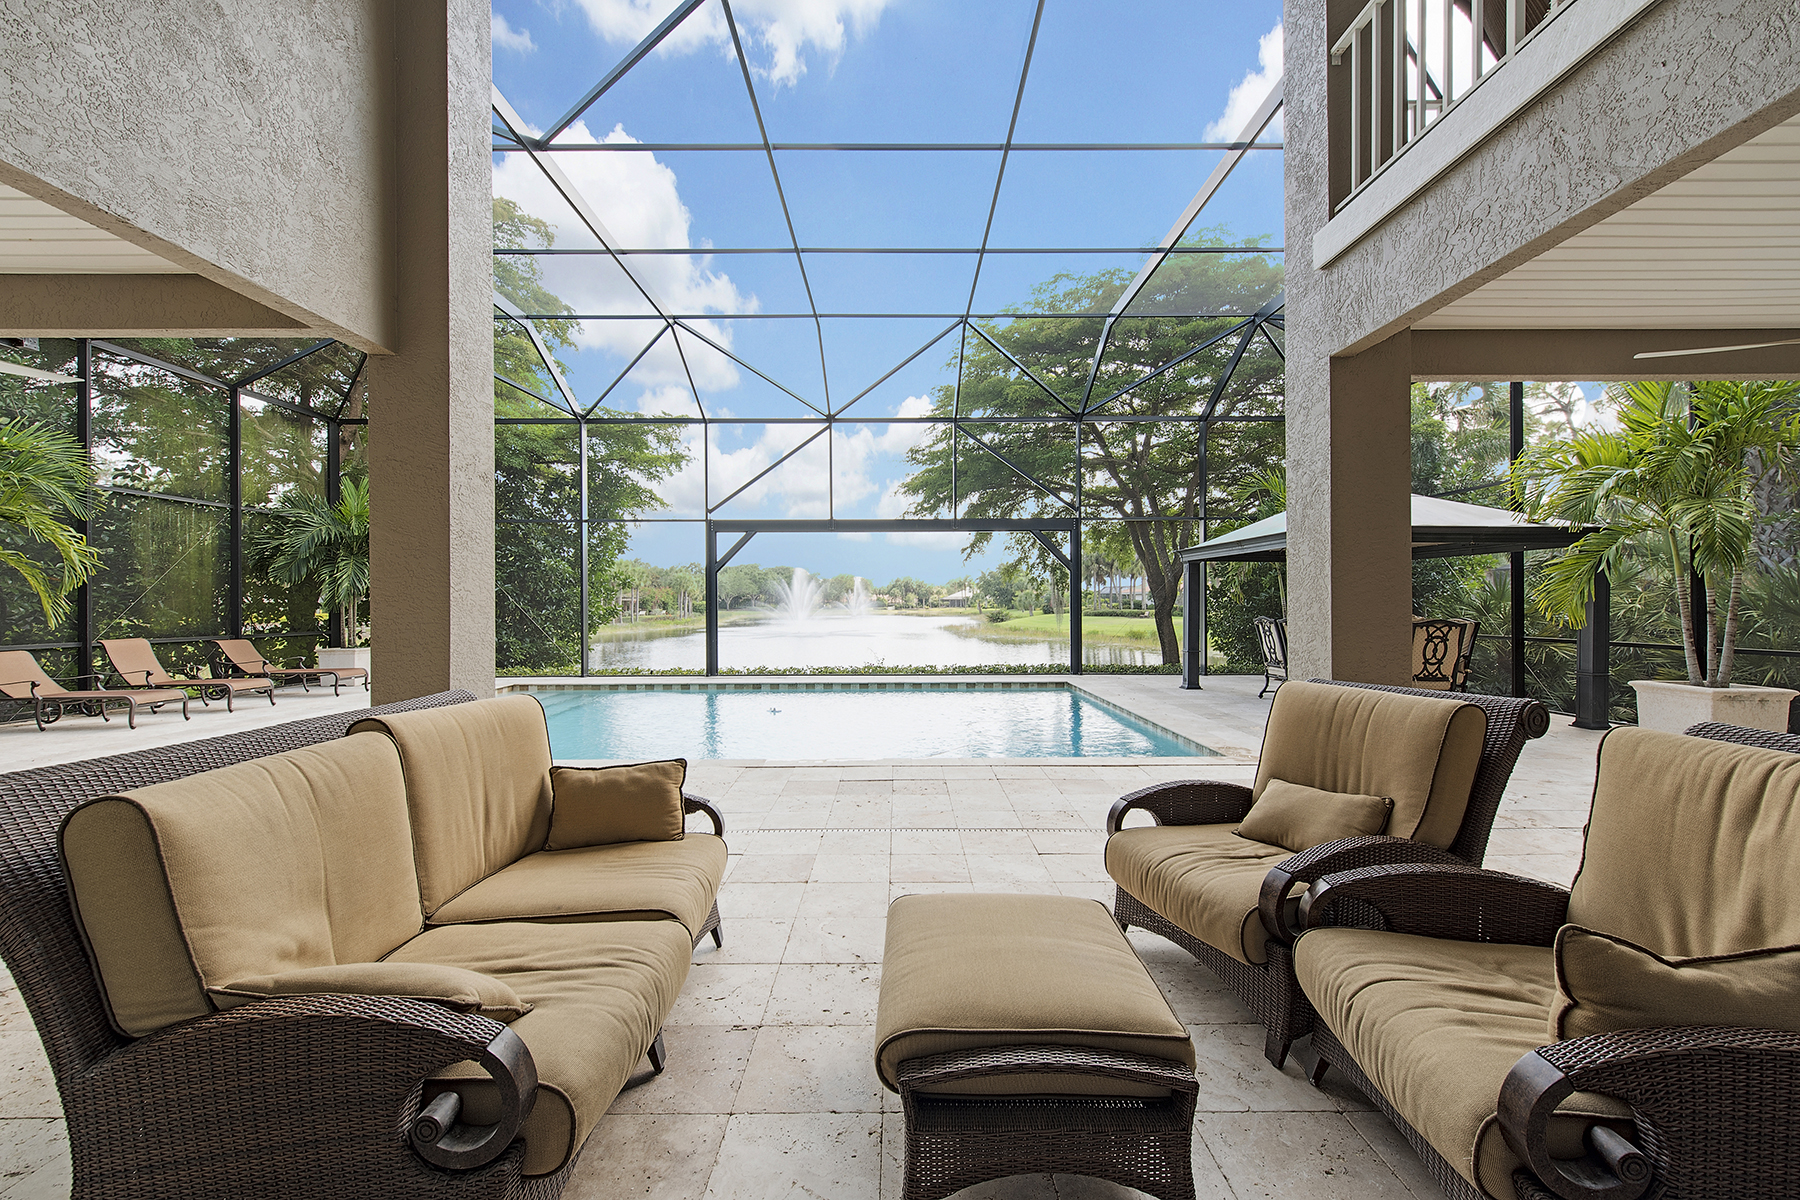 独户住宅 为 销售 在 PELICAN LANDING - LONGLAKE 24560 Woodsage Dr 博尼塔温泉, 佛罗里达州 34134 美国